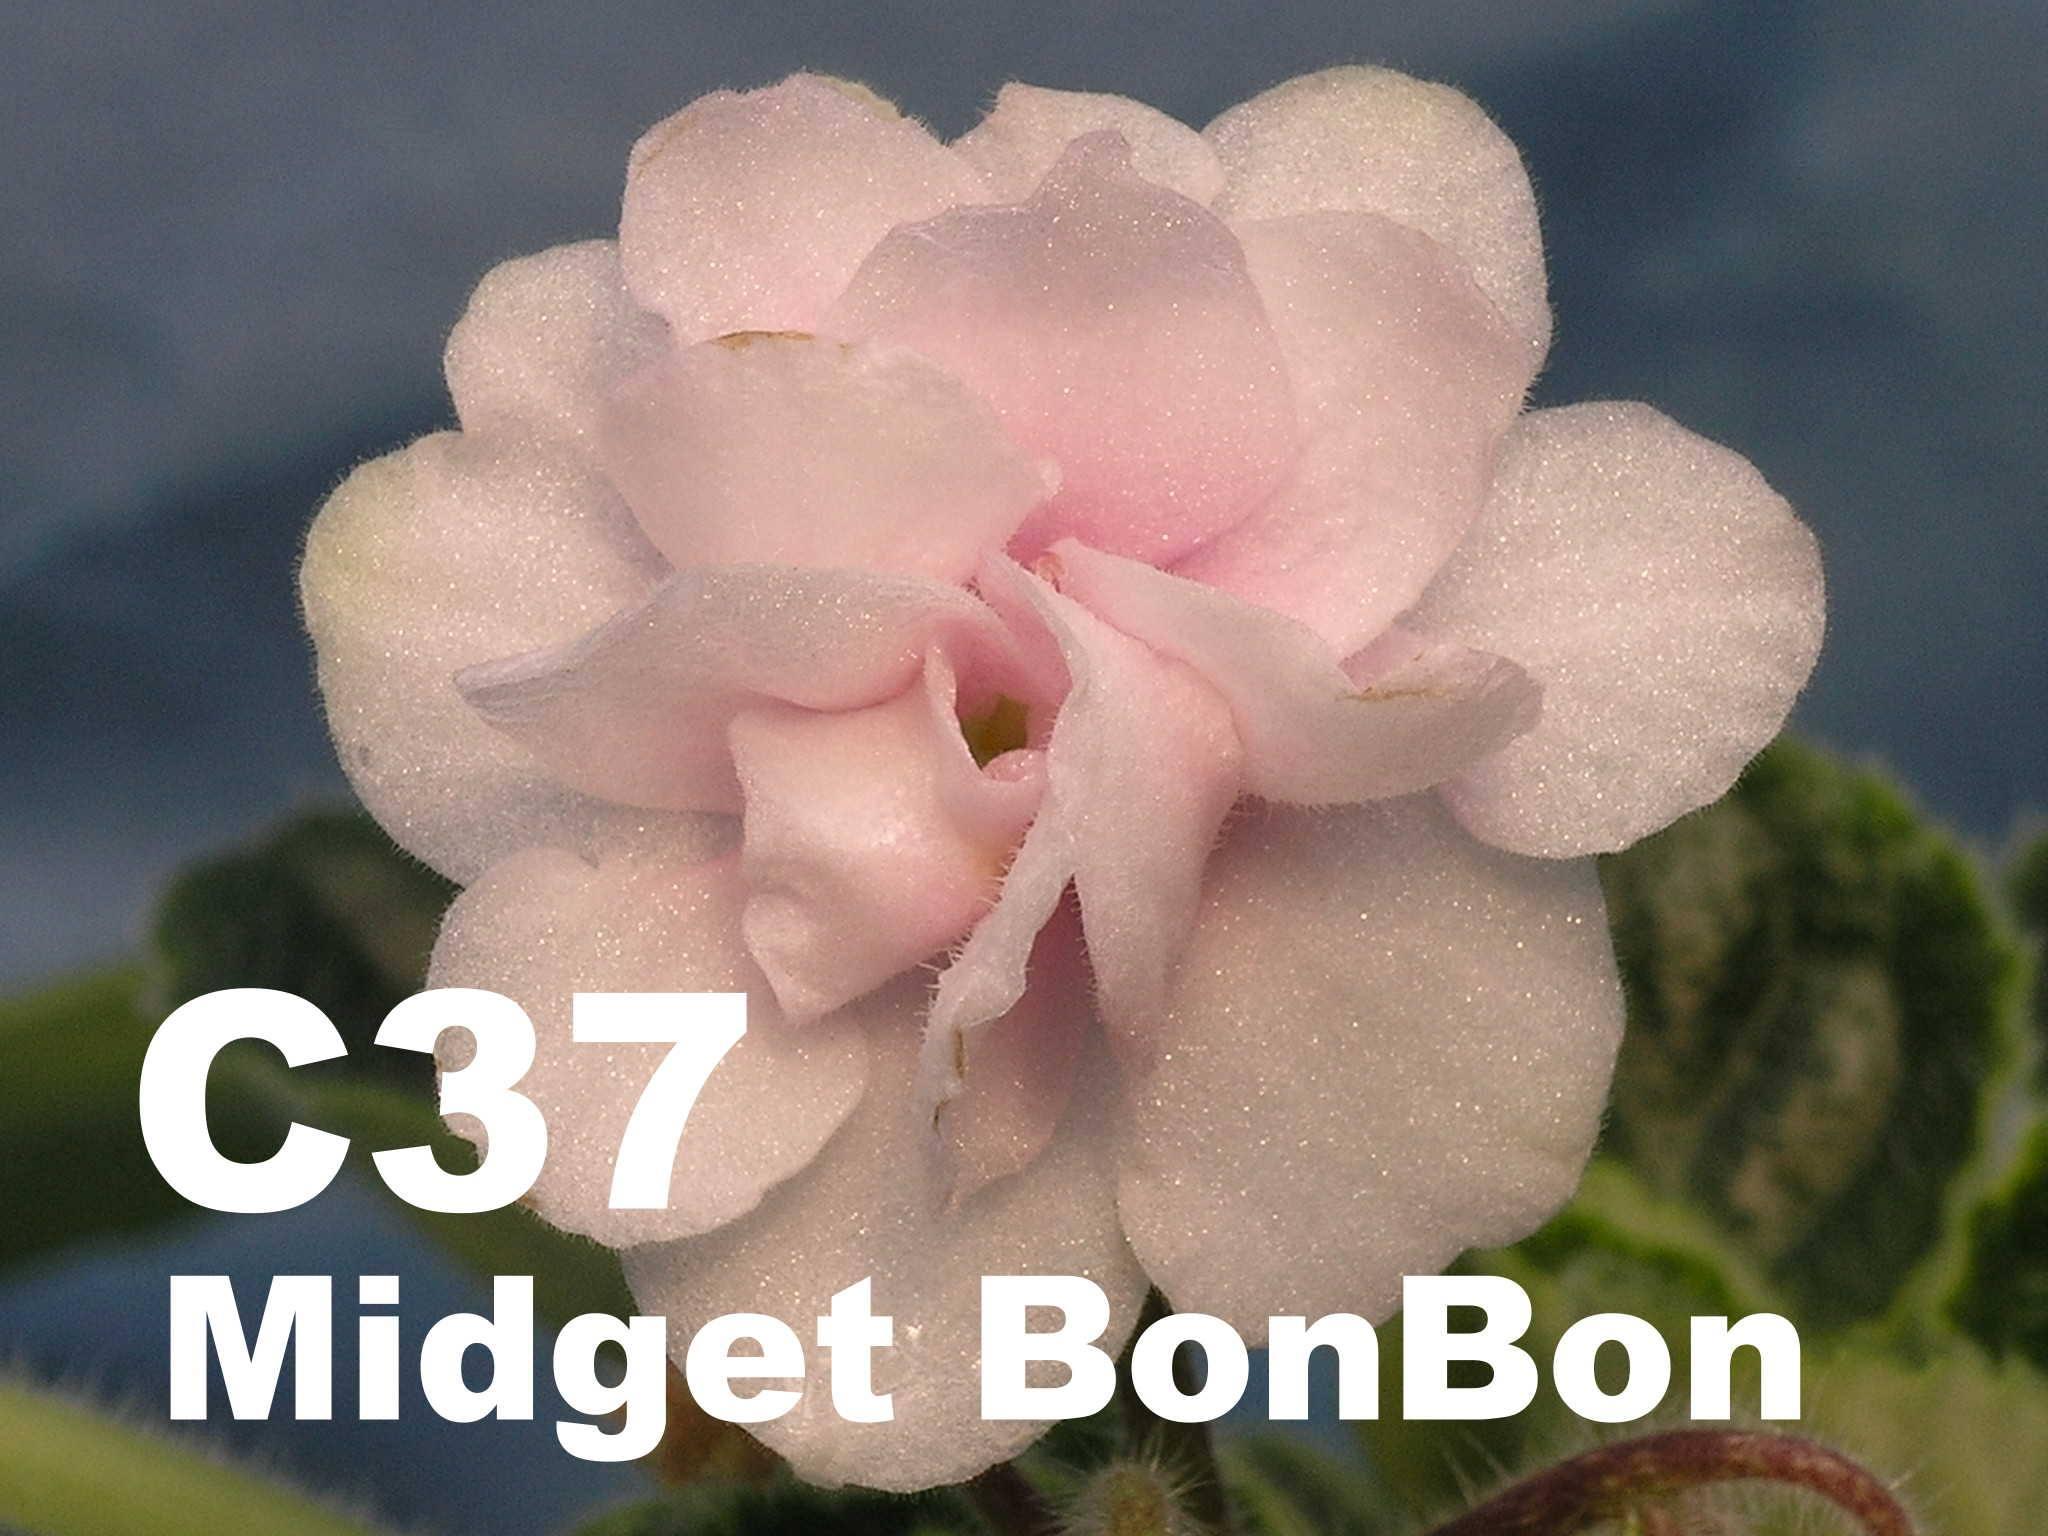 [C37] Midget Bon Bon C37